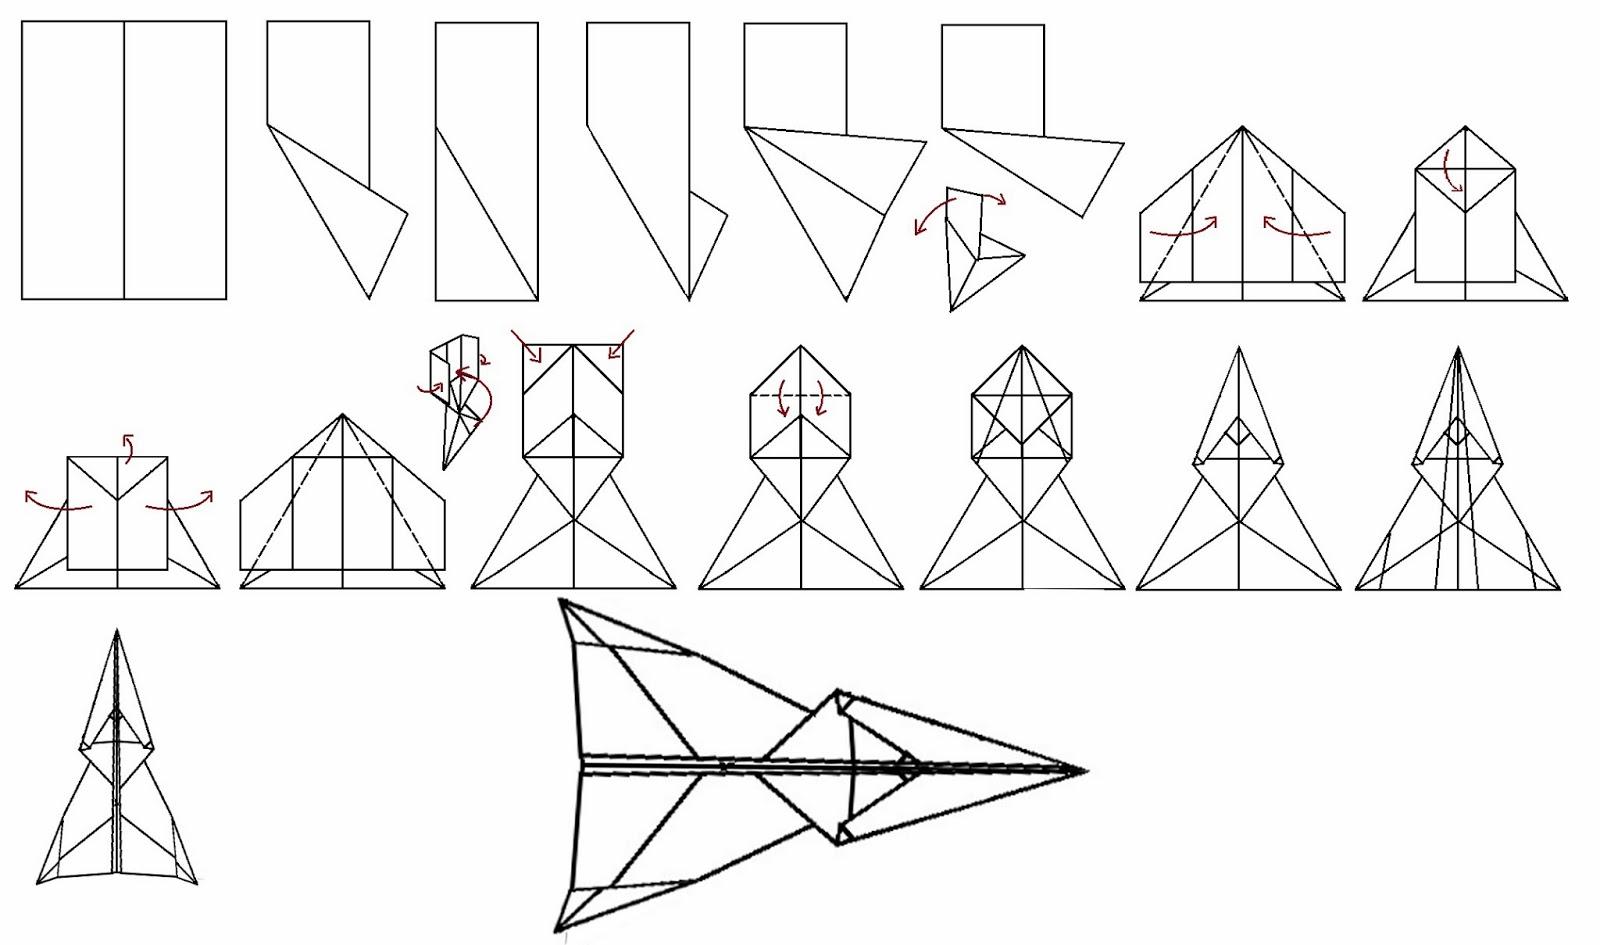 Instrucciones para pajas y demostracion - 3 3